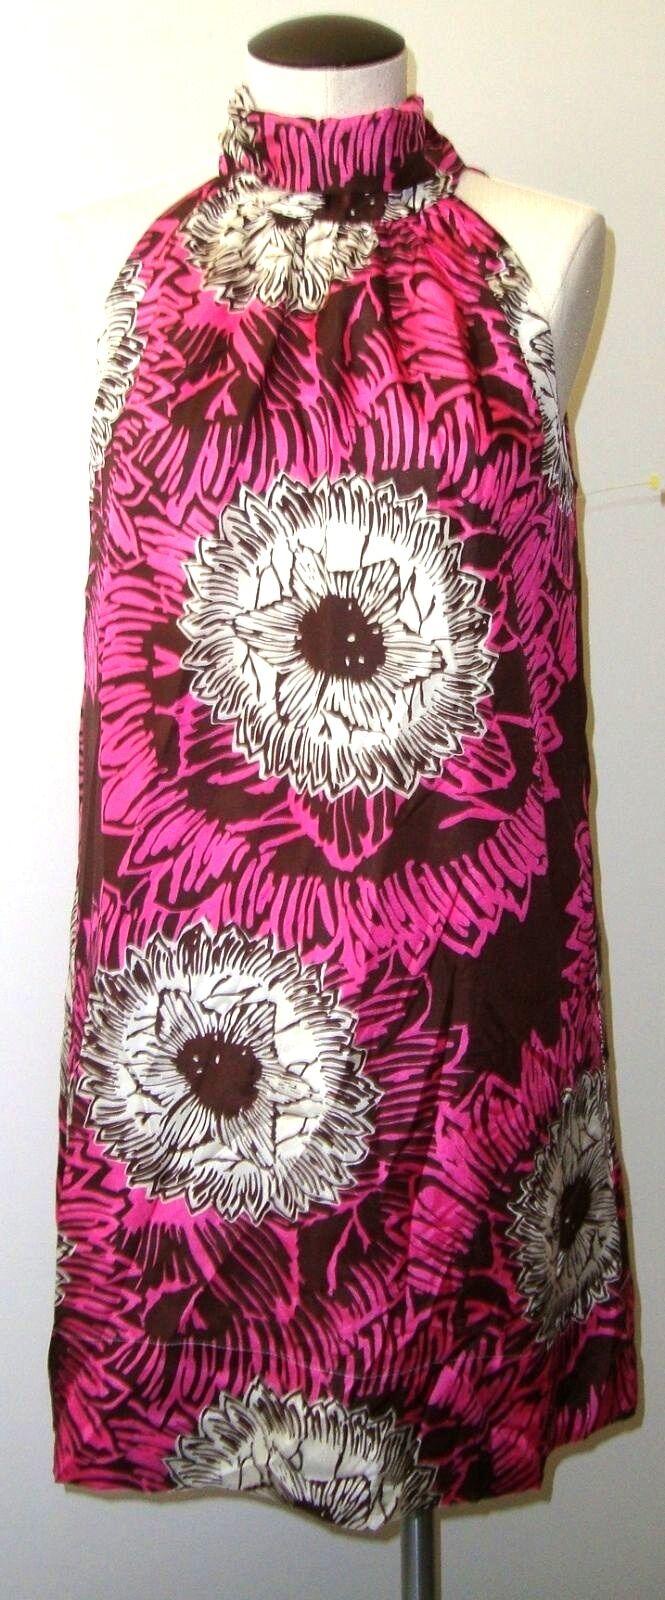 NELL COUTURE Rosa braun & Weiß FLORAL TRAP A-LINE SILK BLEND DRESS SZ 2